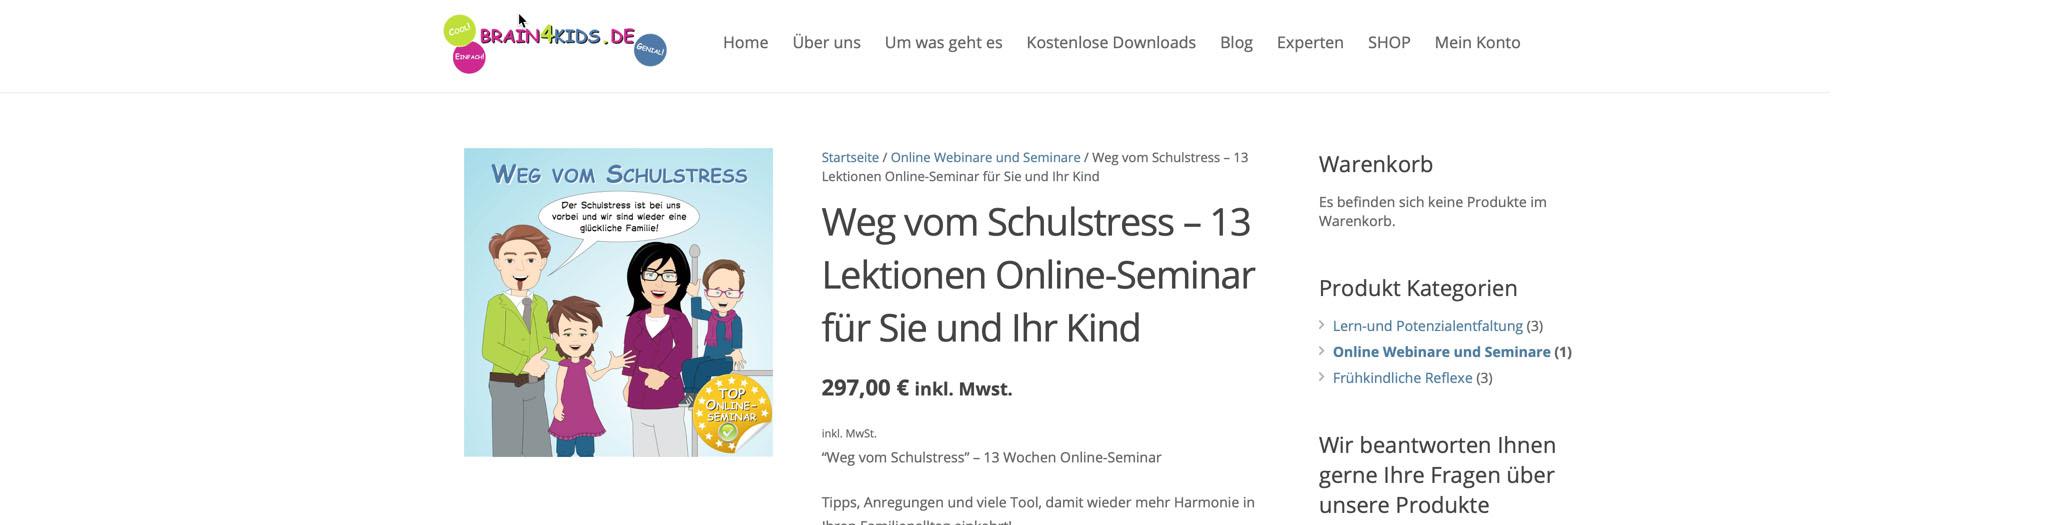 Online-Kurse mit WordPress erstellen und mit WooCommerce verkaufen 5